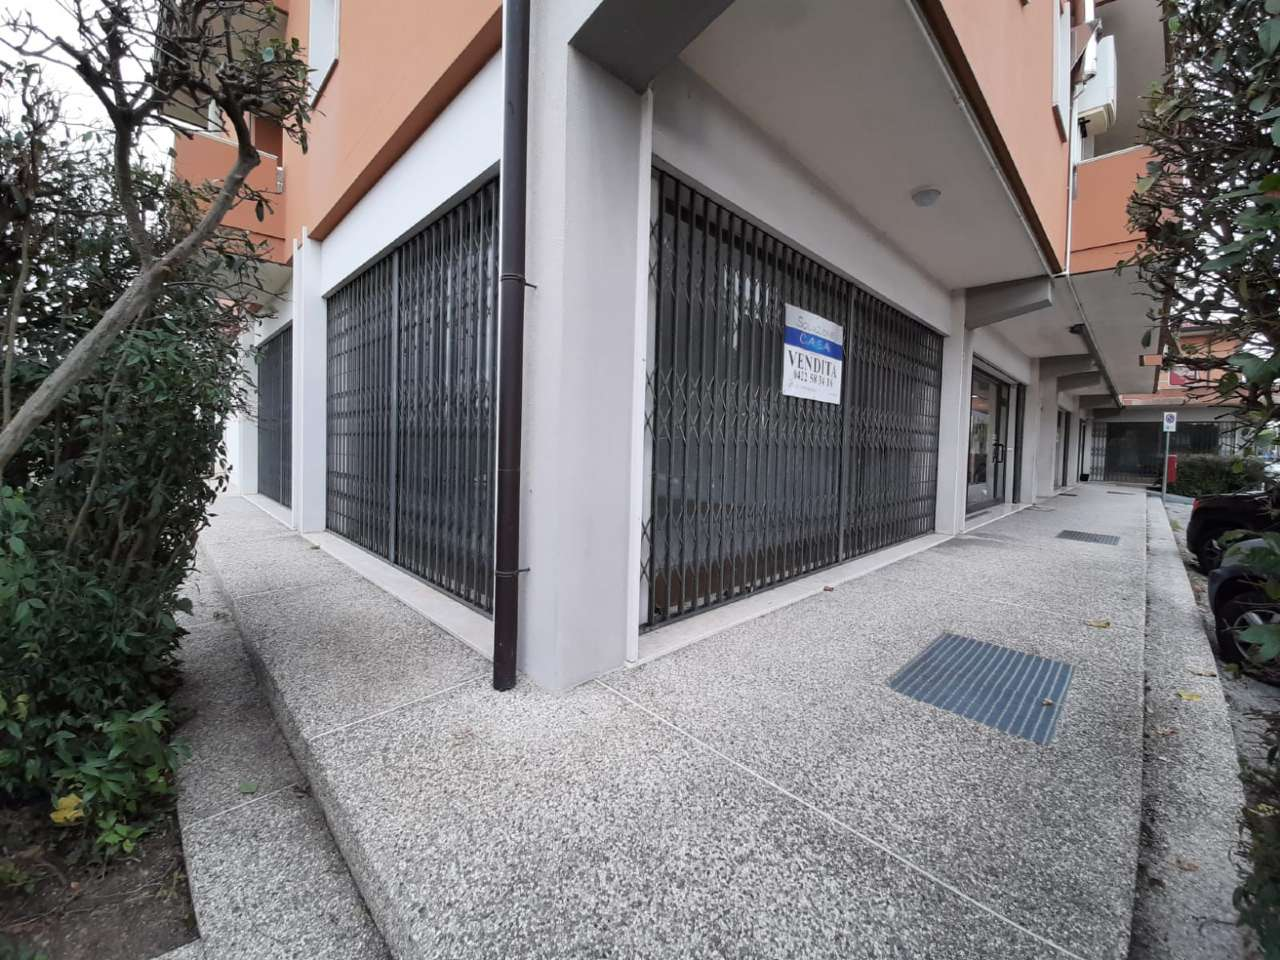 Negozio / Locale in vendita a Mansuè, 2 locali, prezzo € 70.000 | CambioCasa.it